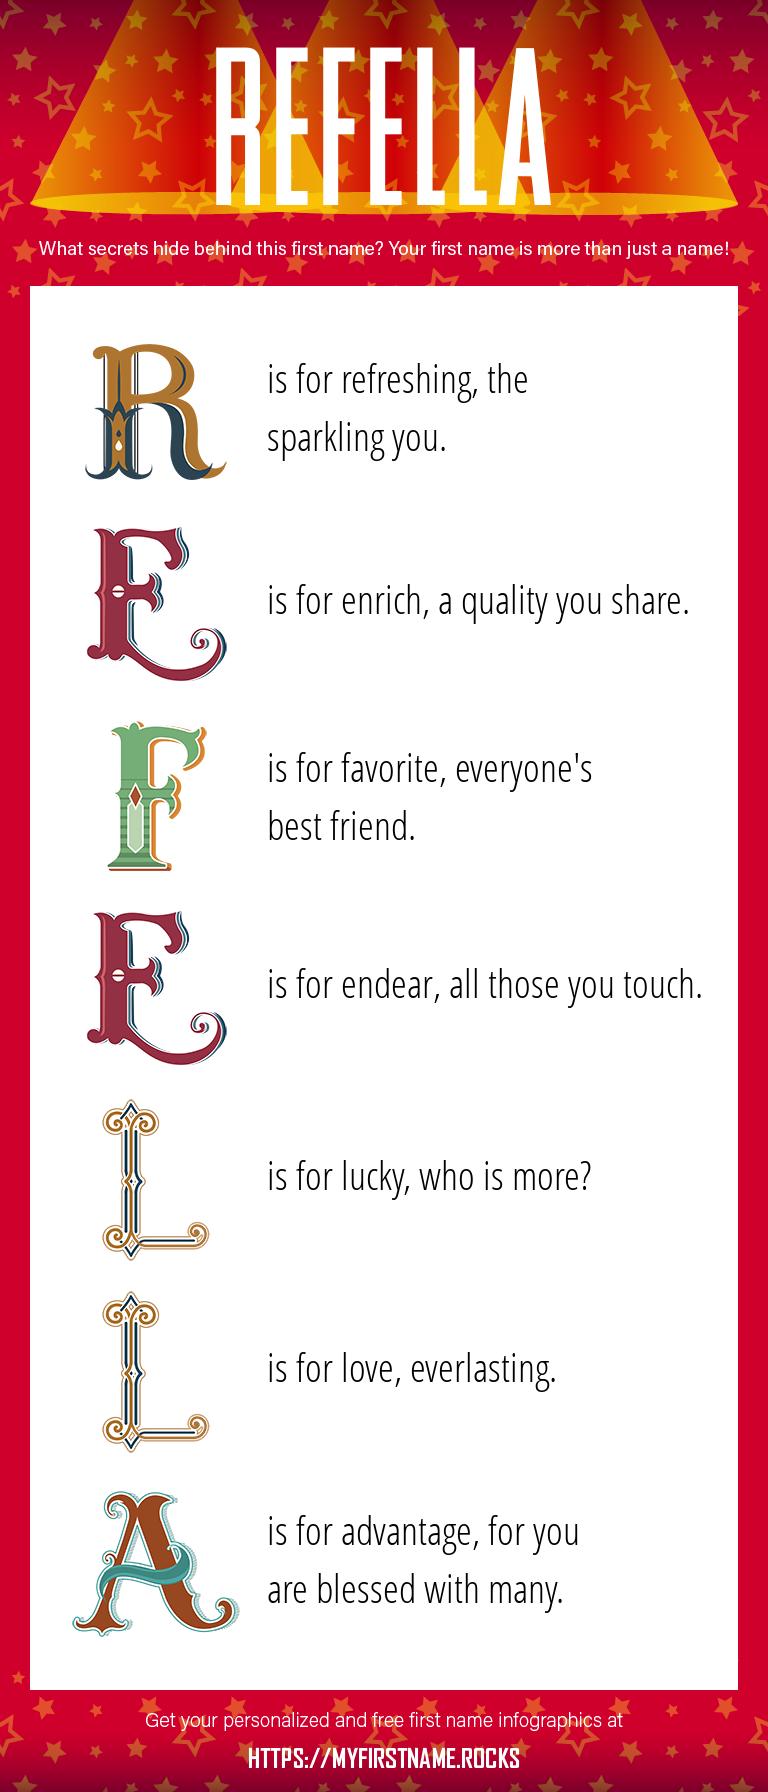 Refella Infographics